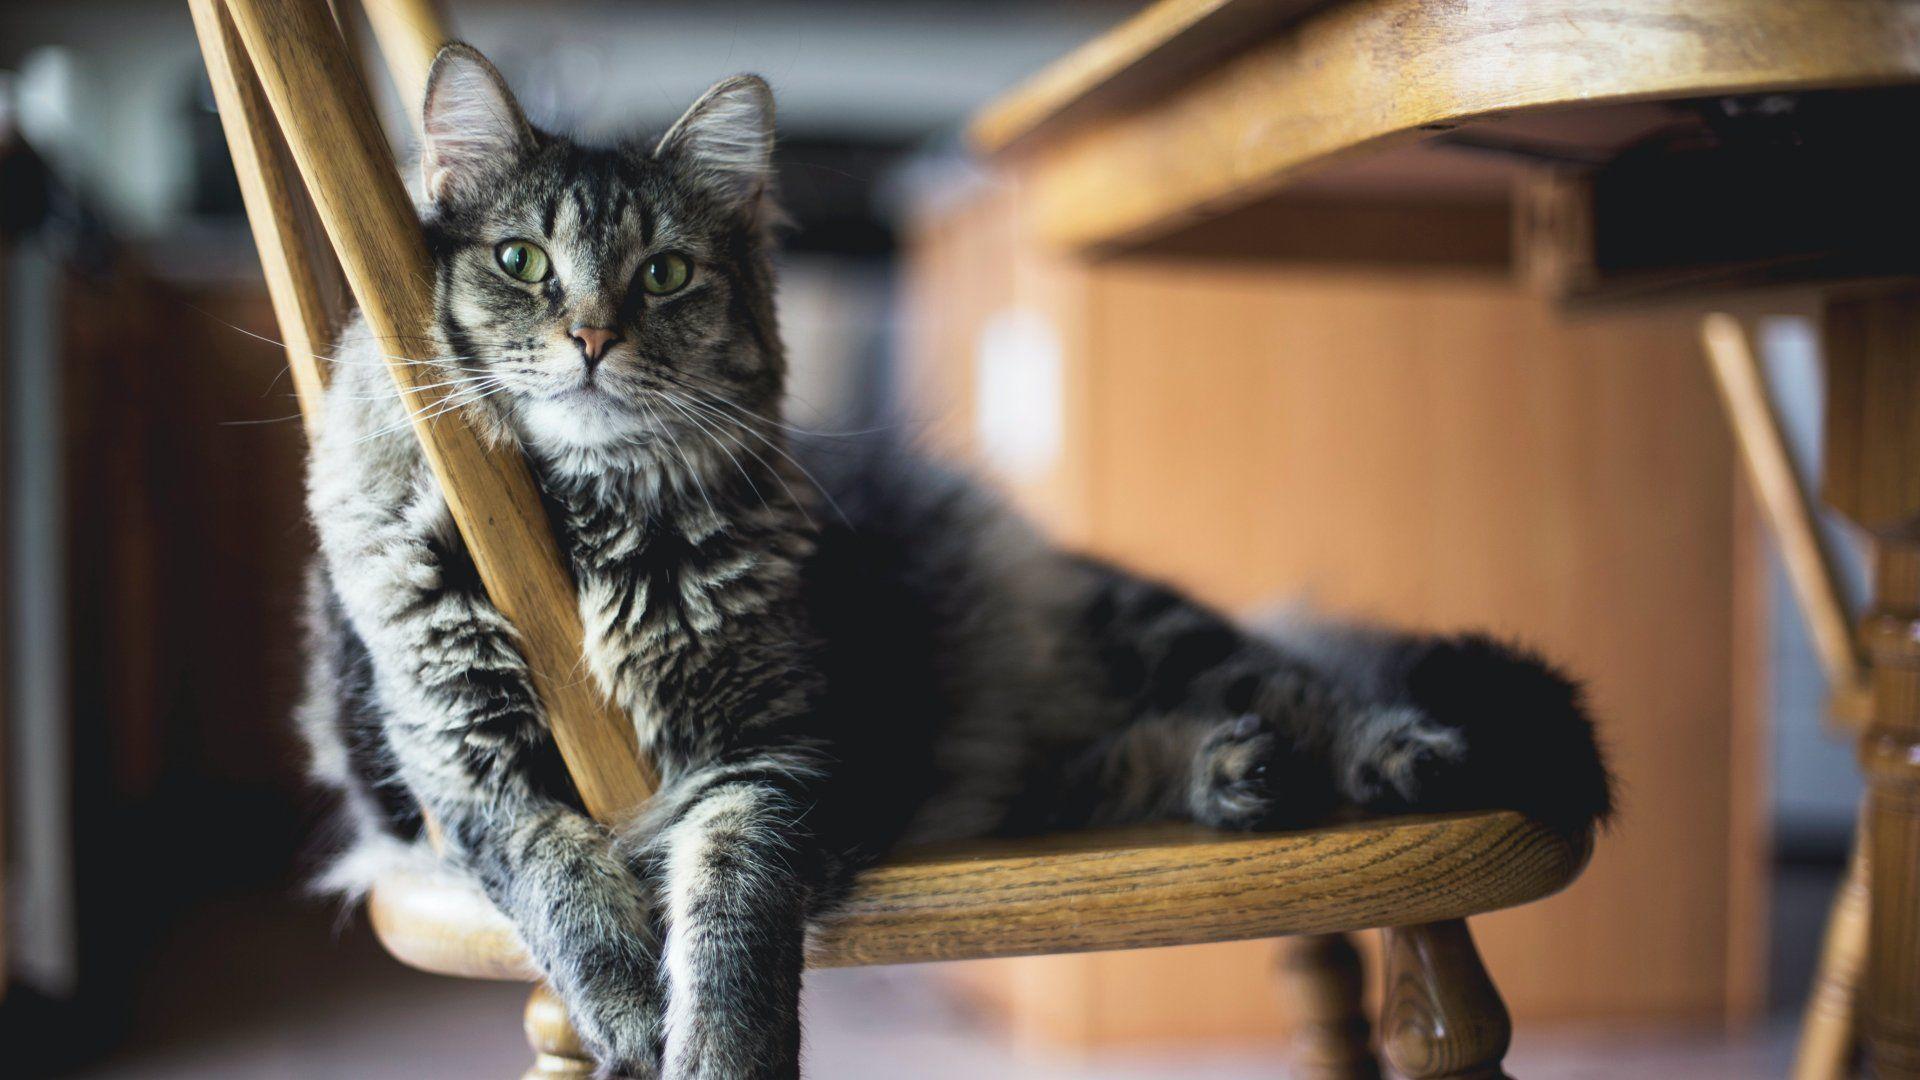 Macska fekszik egy székn